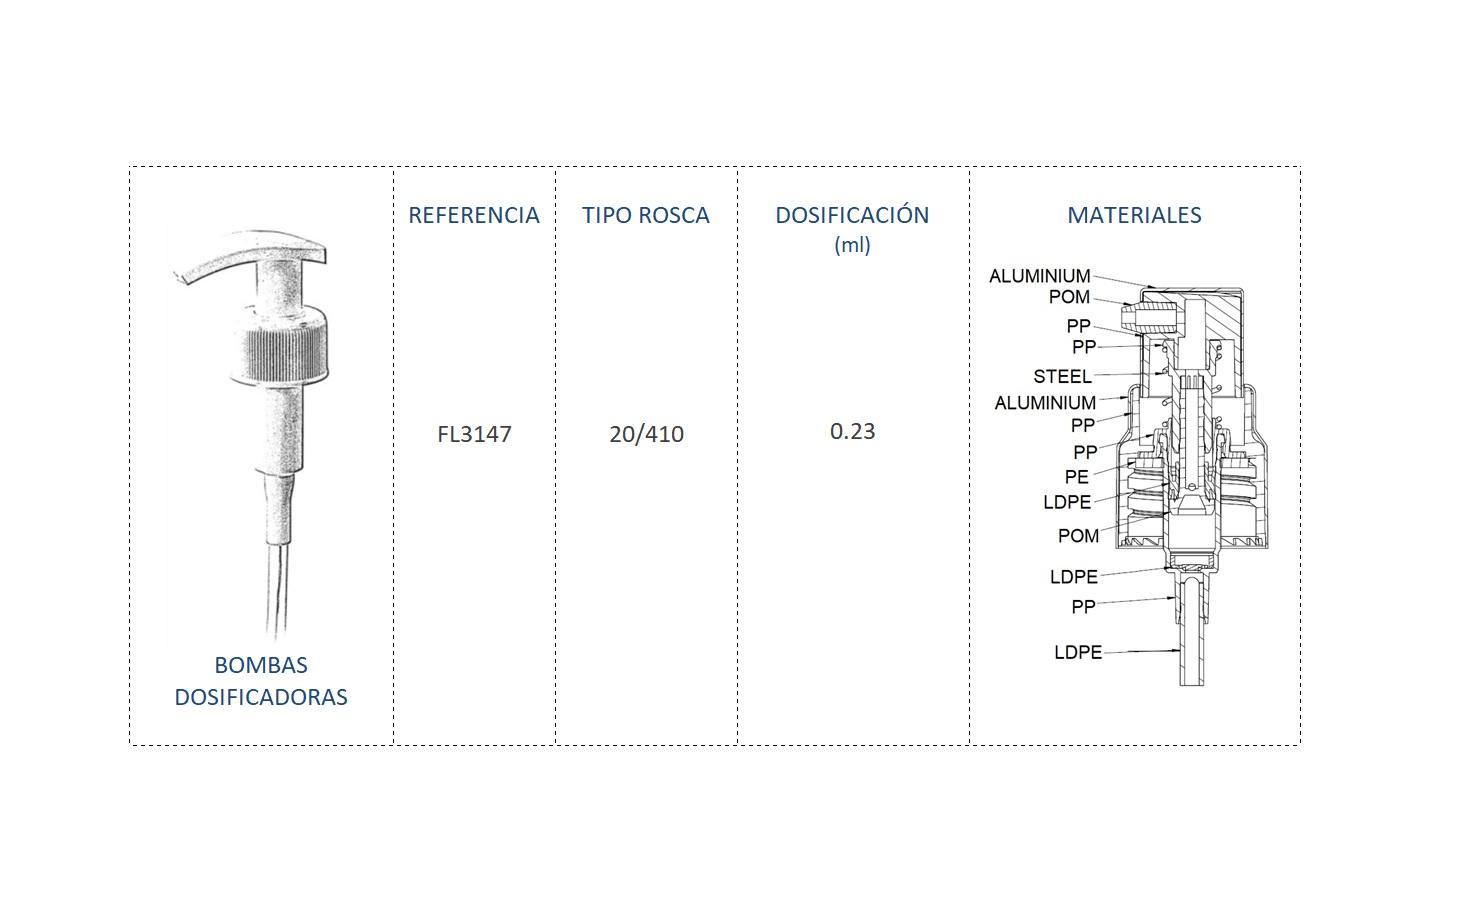 Cuadro materiales bomba dosificadora FL3147 20/410